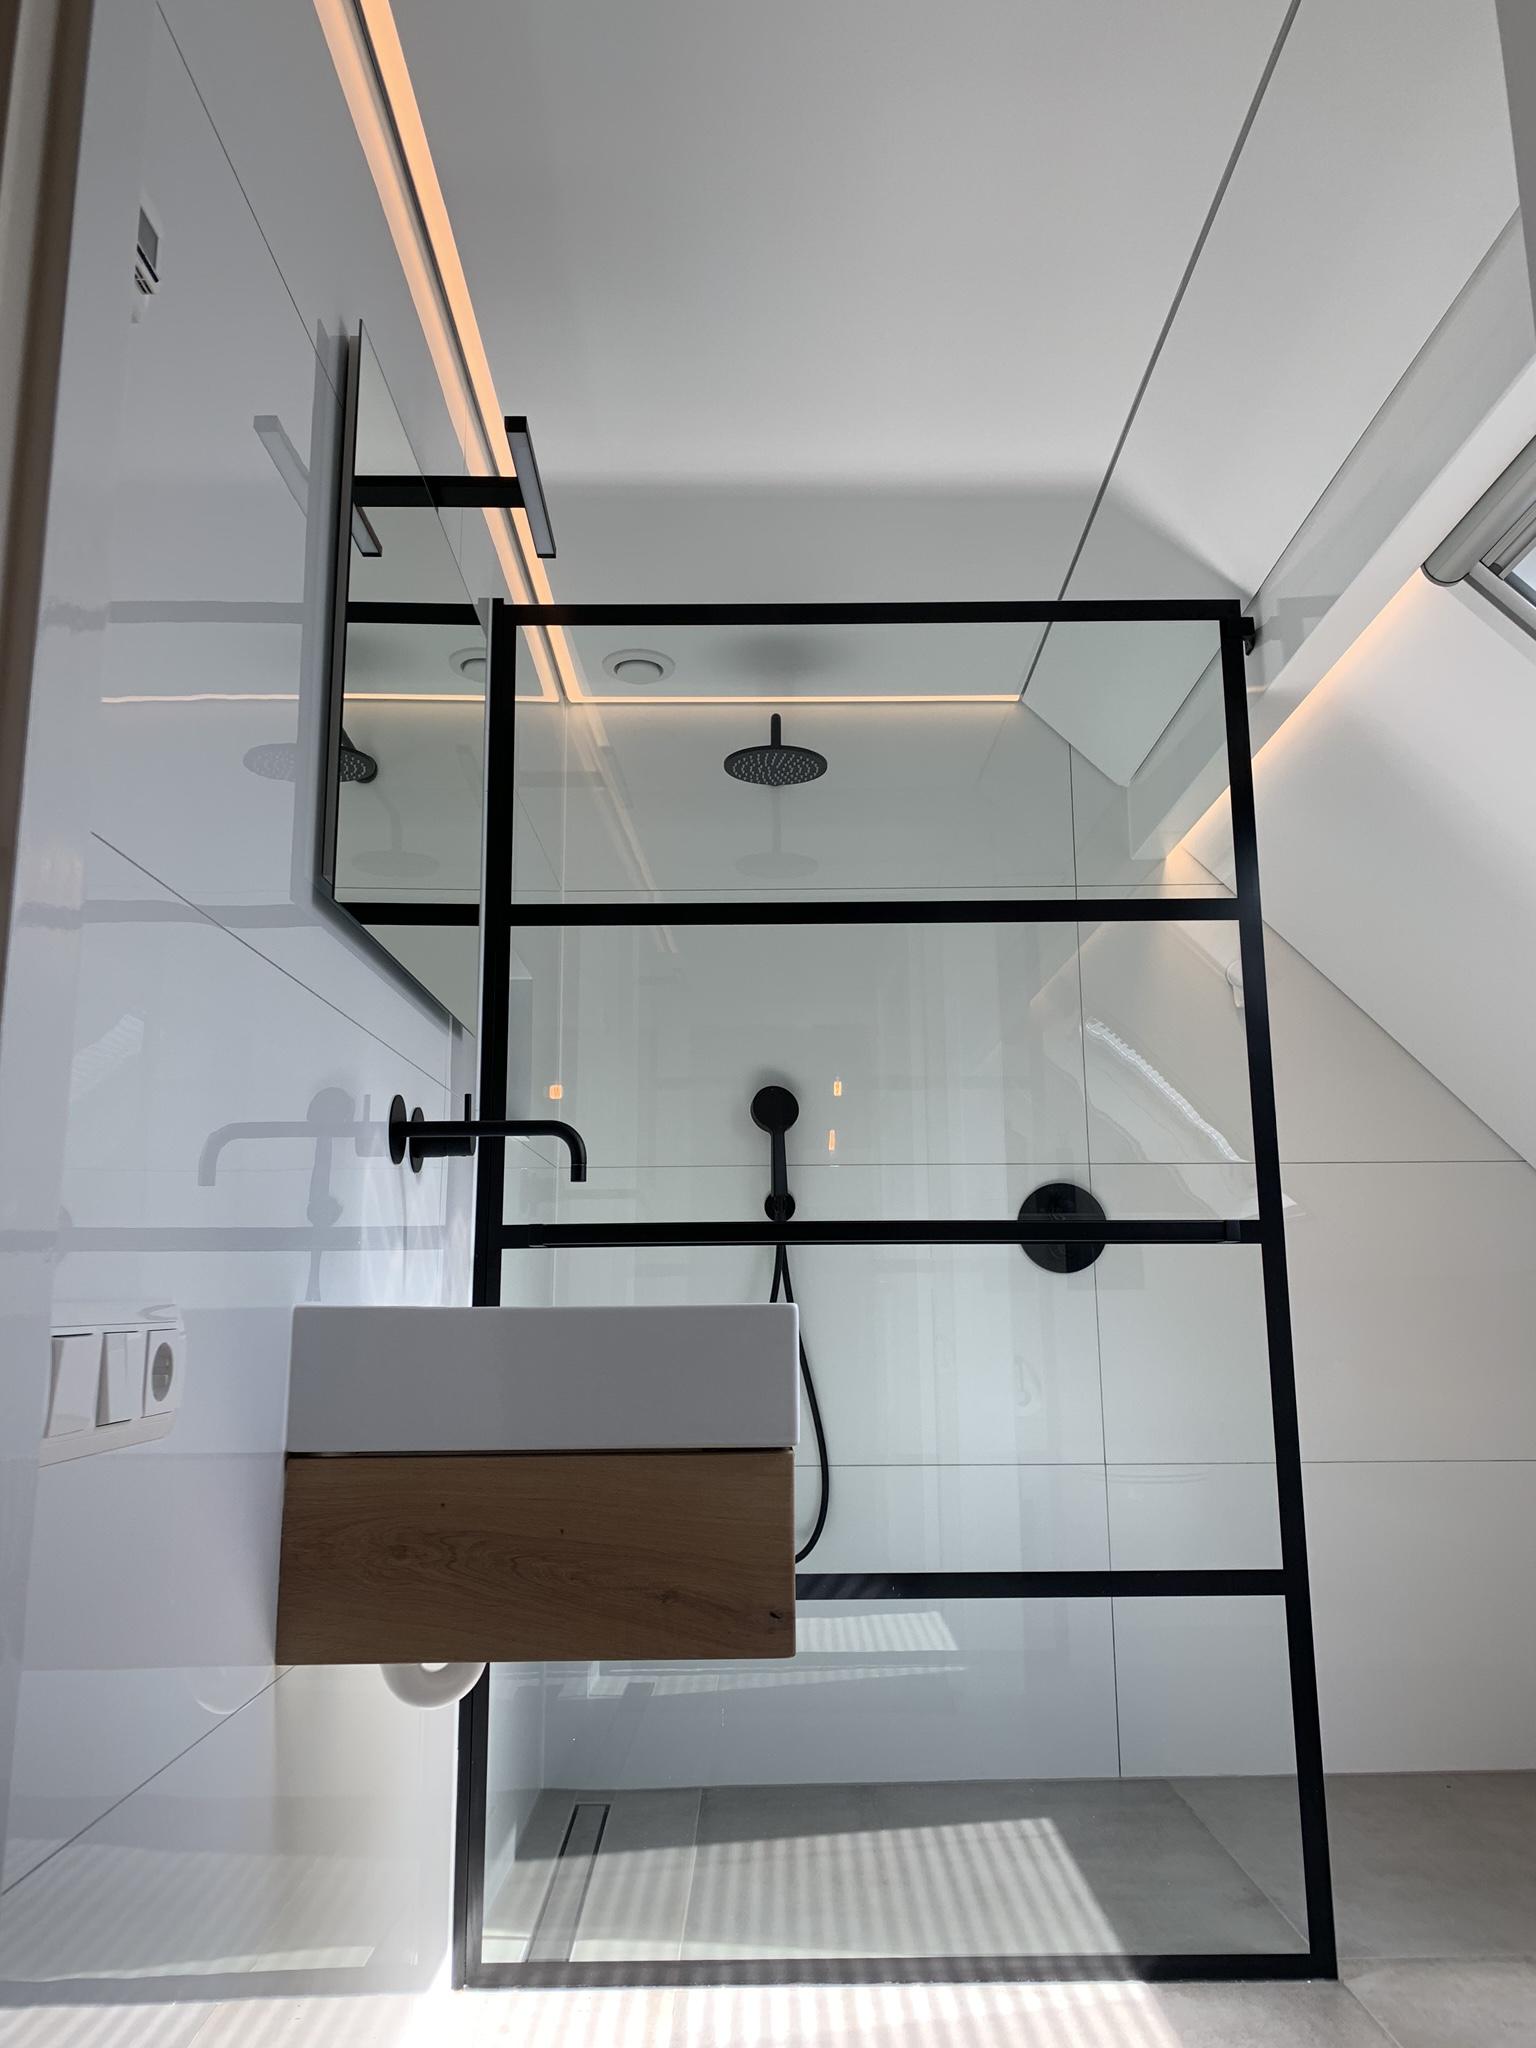 de mooiste badkamers dankzij een spanplafond van Indara